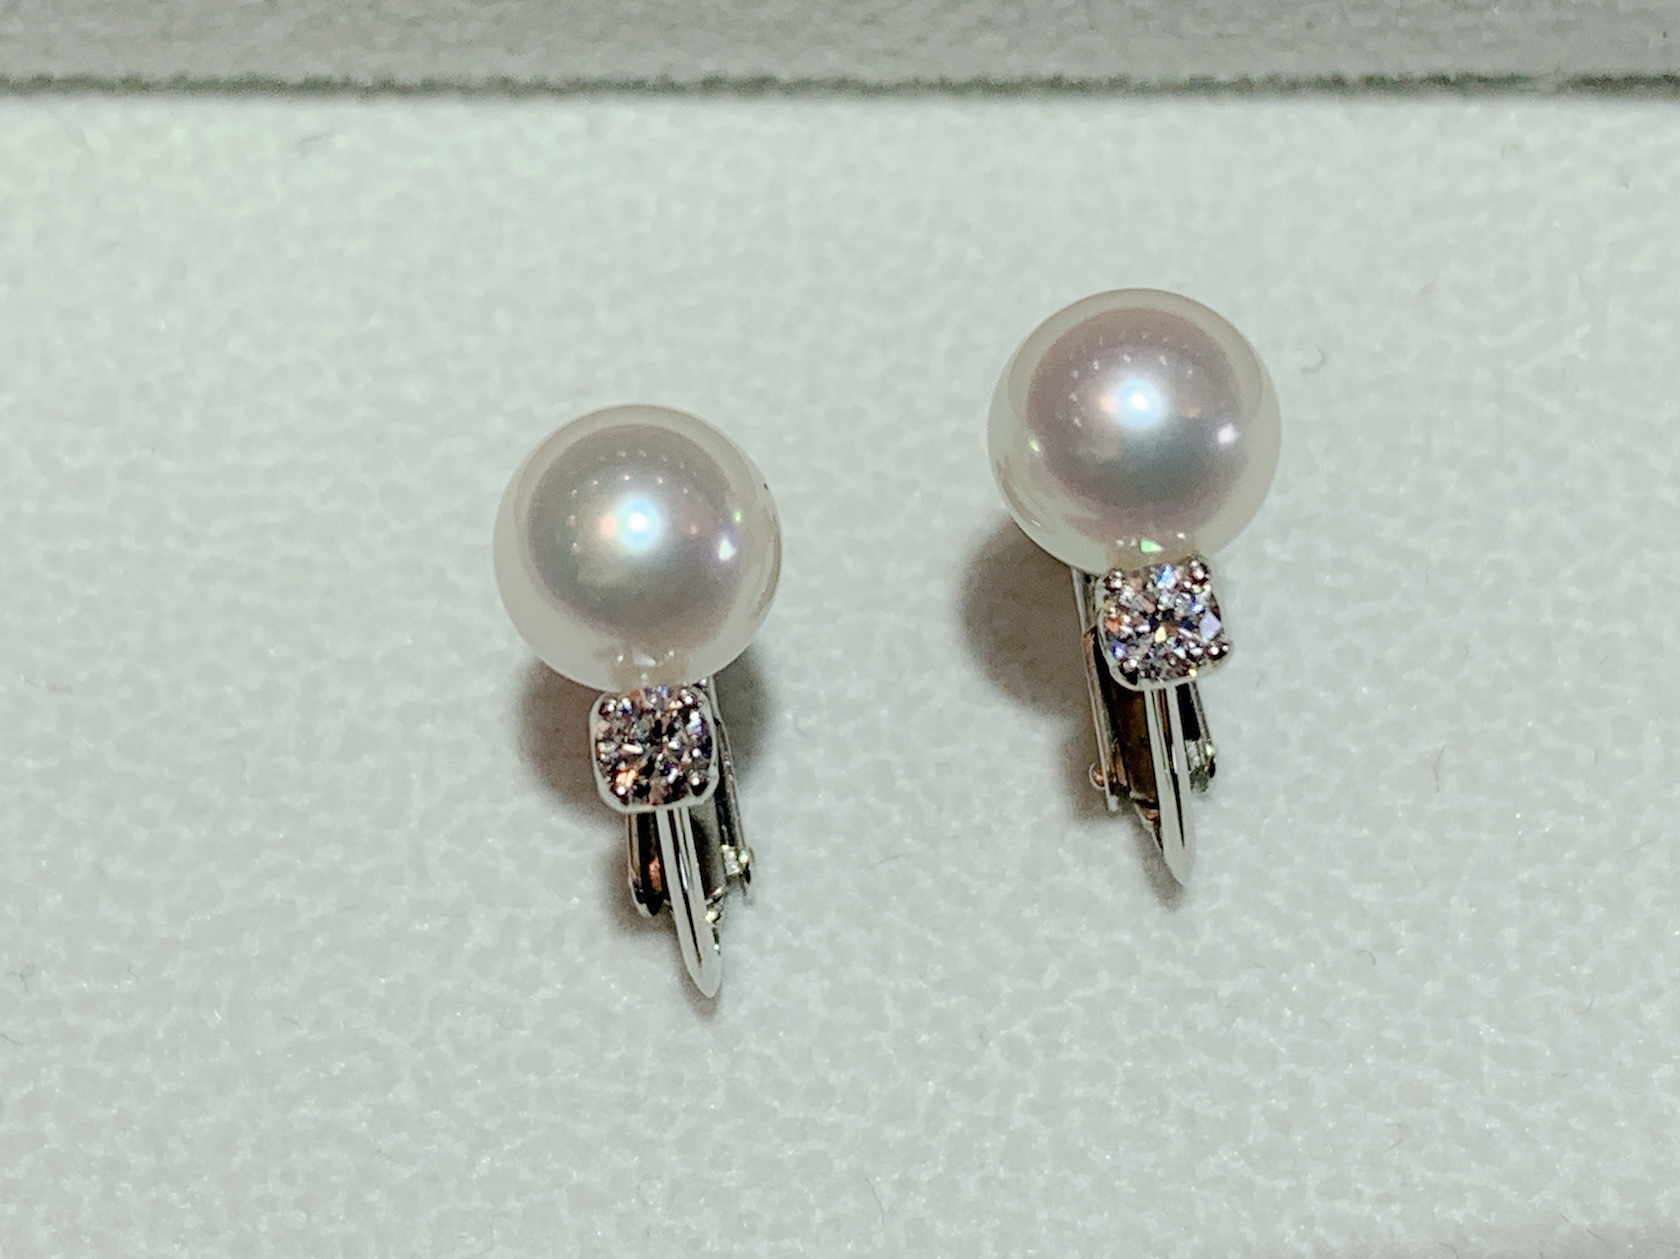 真珠イヤリング作りました